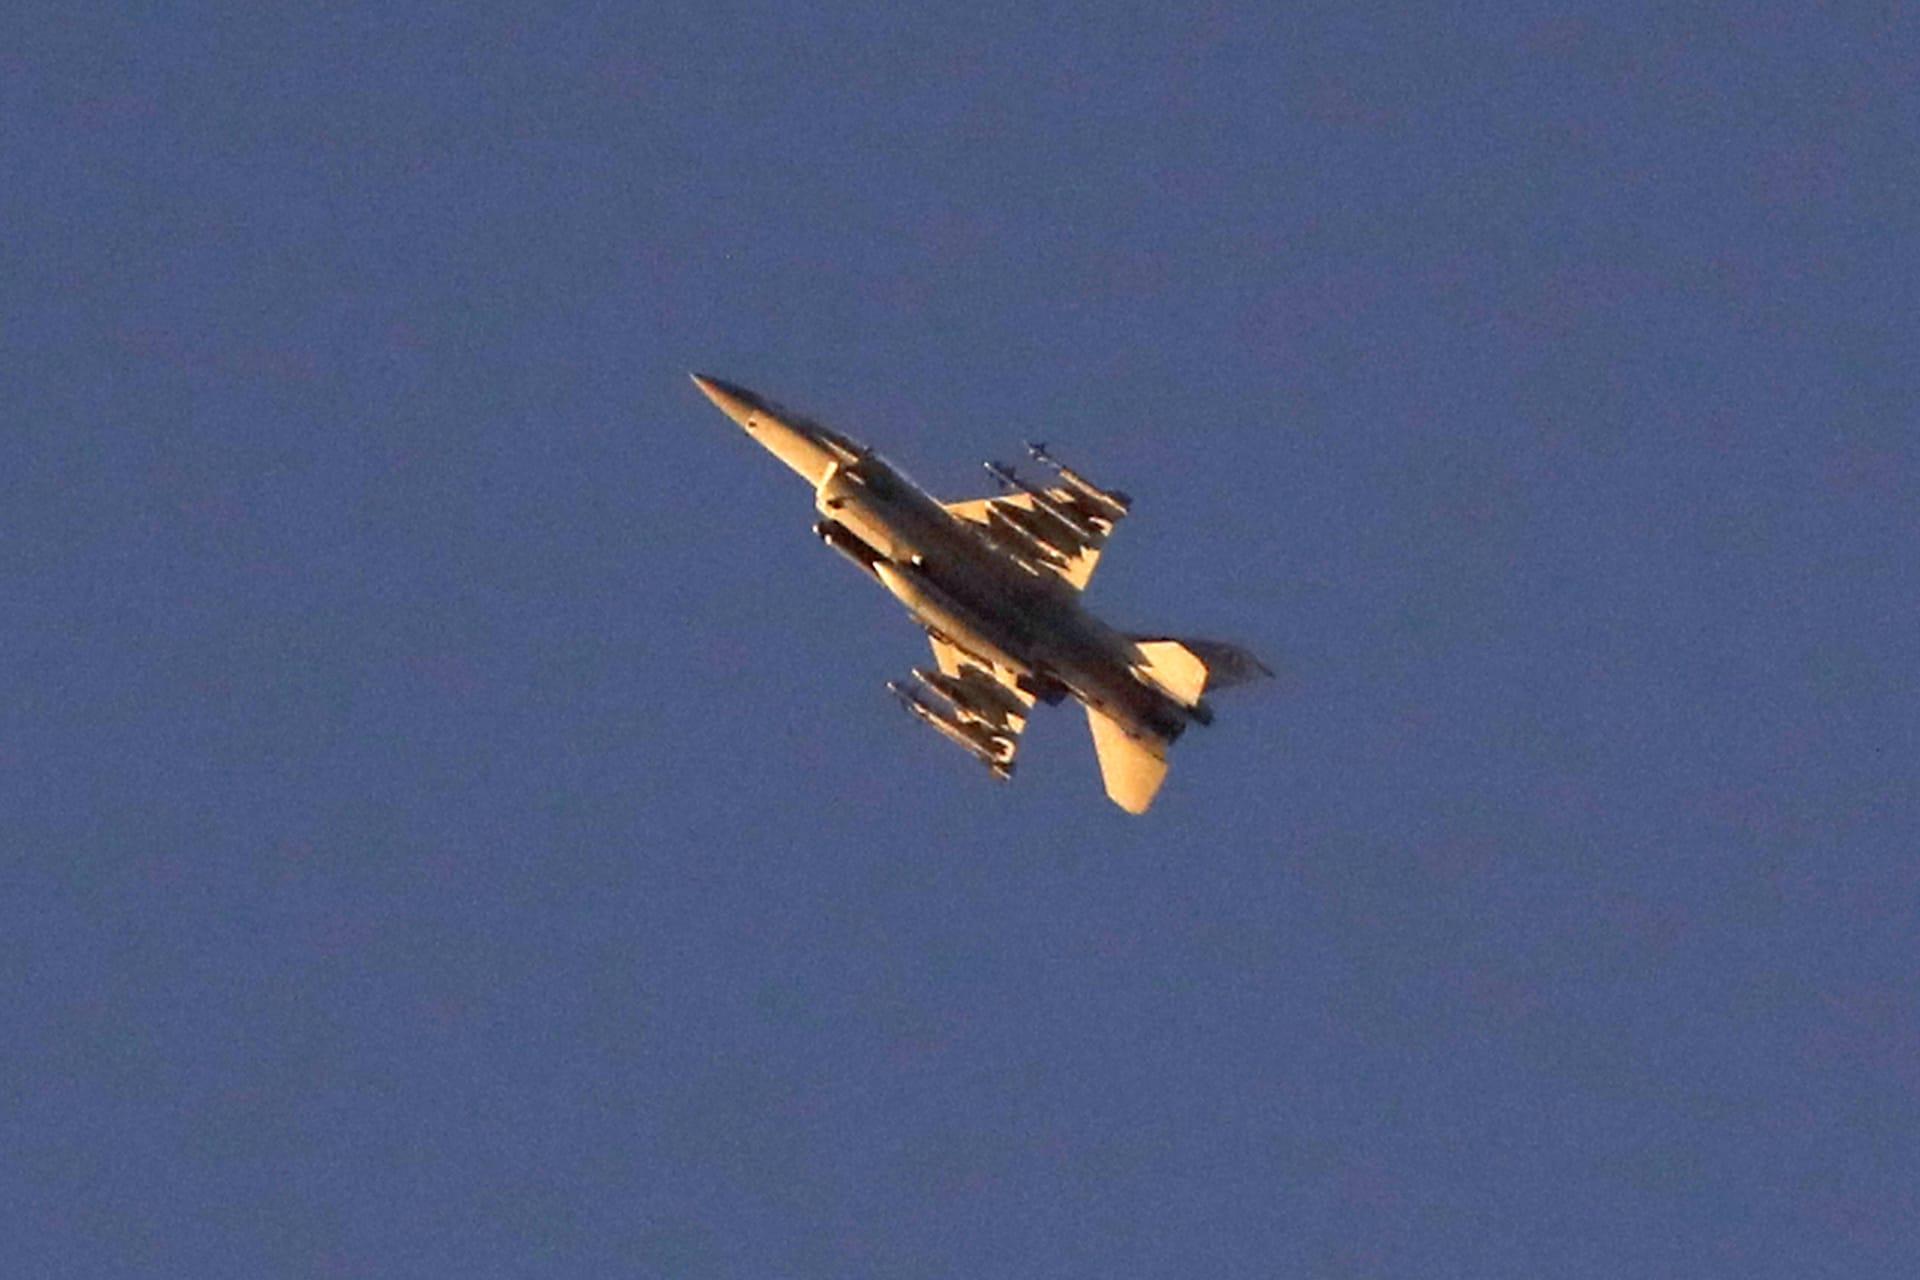 سانا: الدفاعات السورية اعترضت صواريخ أطلقتها طائرات إسرائيلية من أجواء لبنان